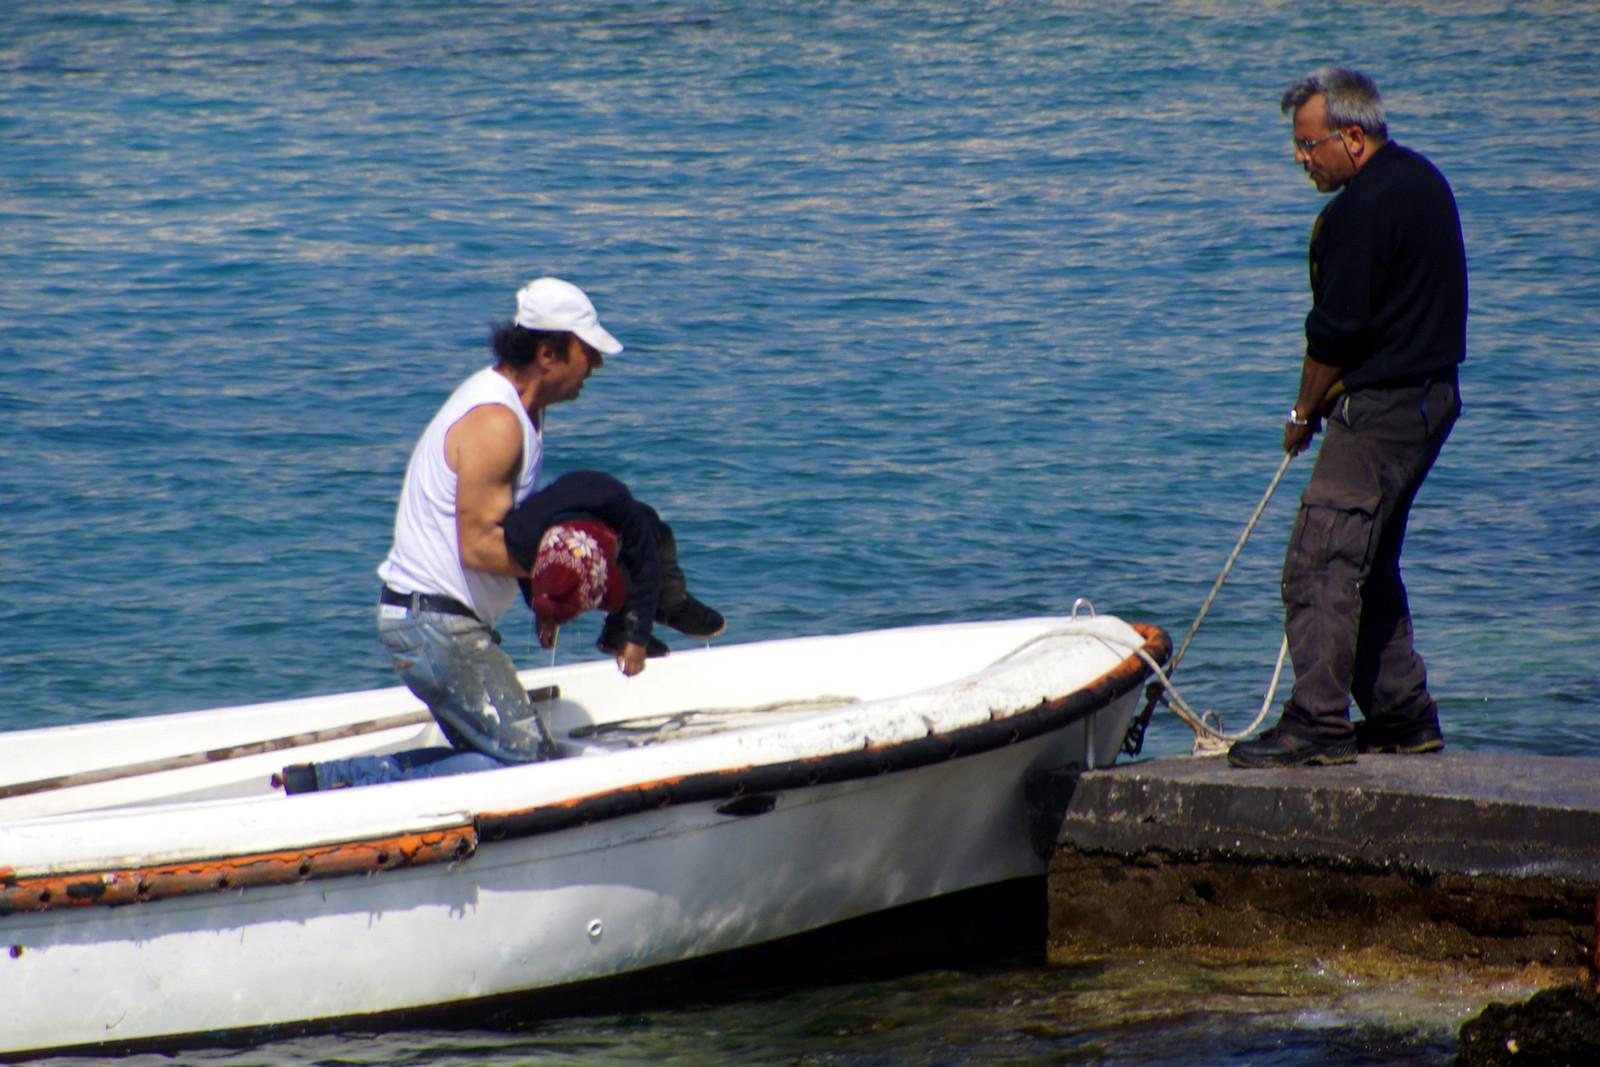 Tre båtflyktninger druknet ved Rhodos 20. april 2015: En mann, en kvinne og et barn.